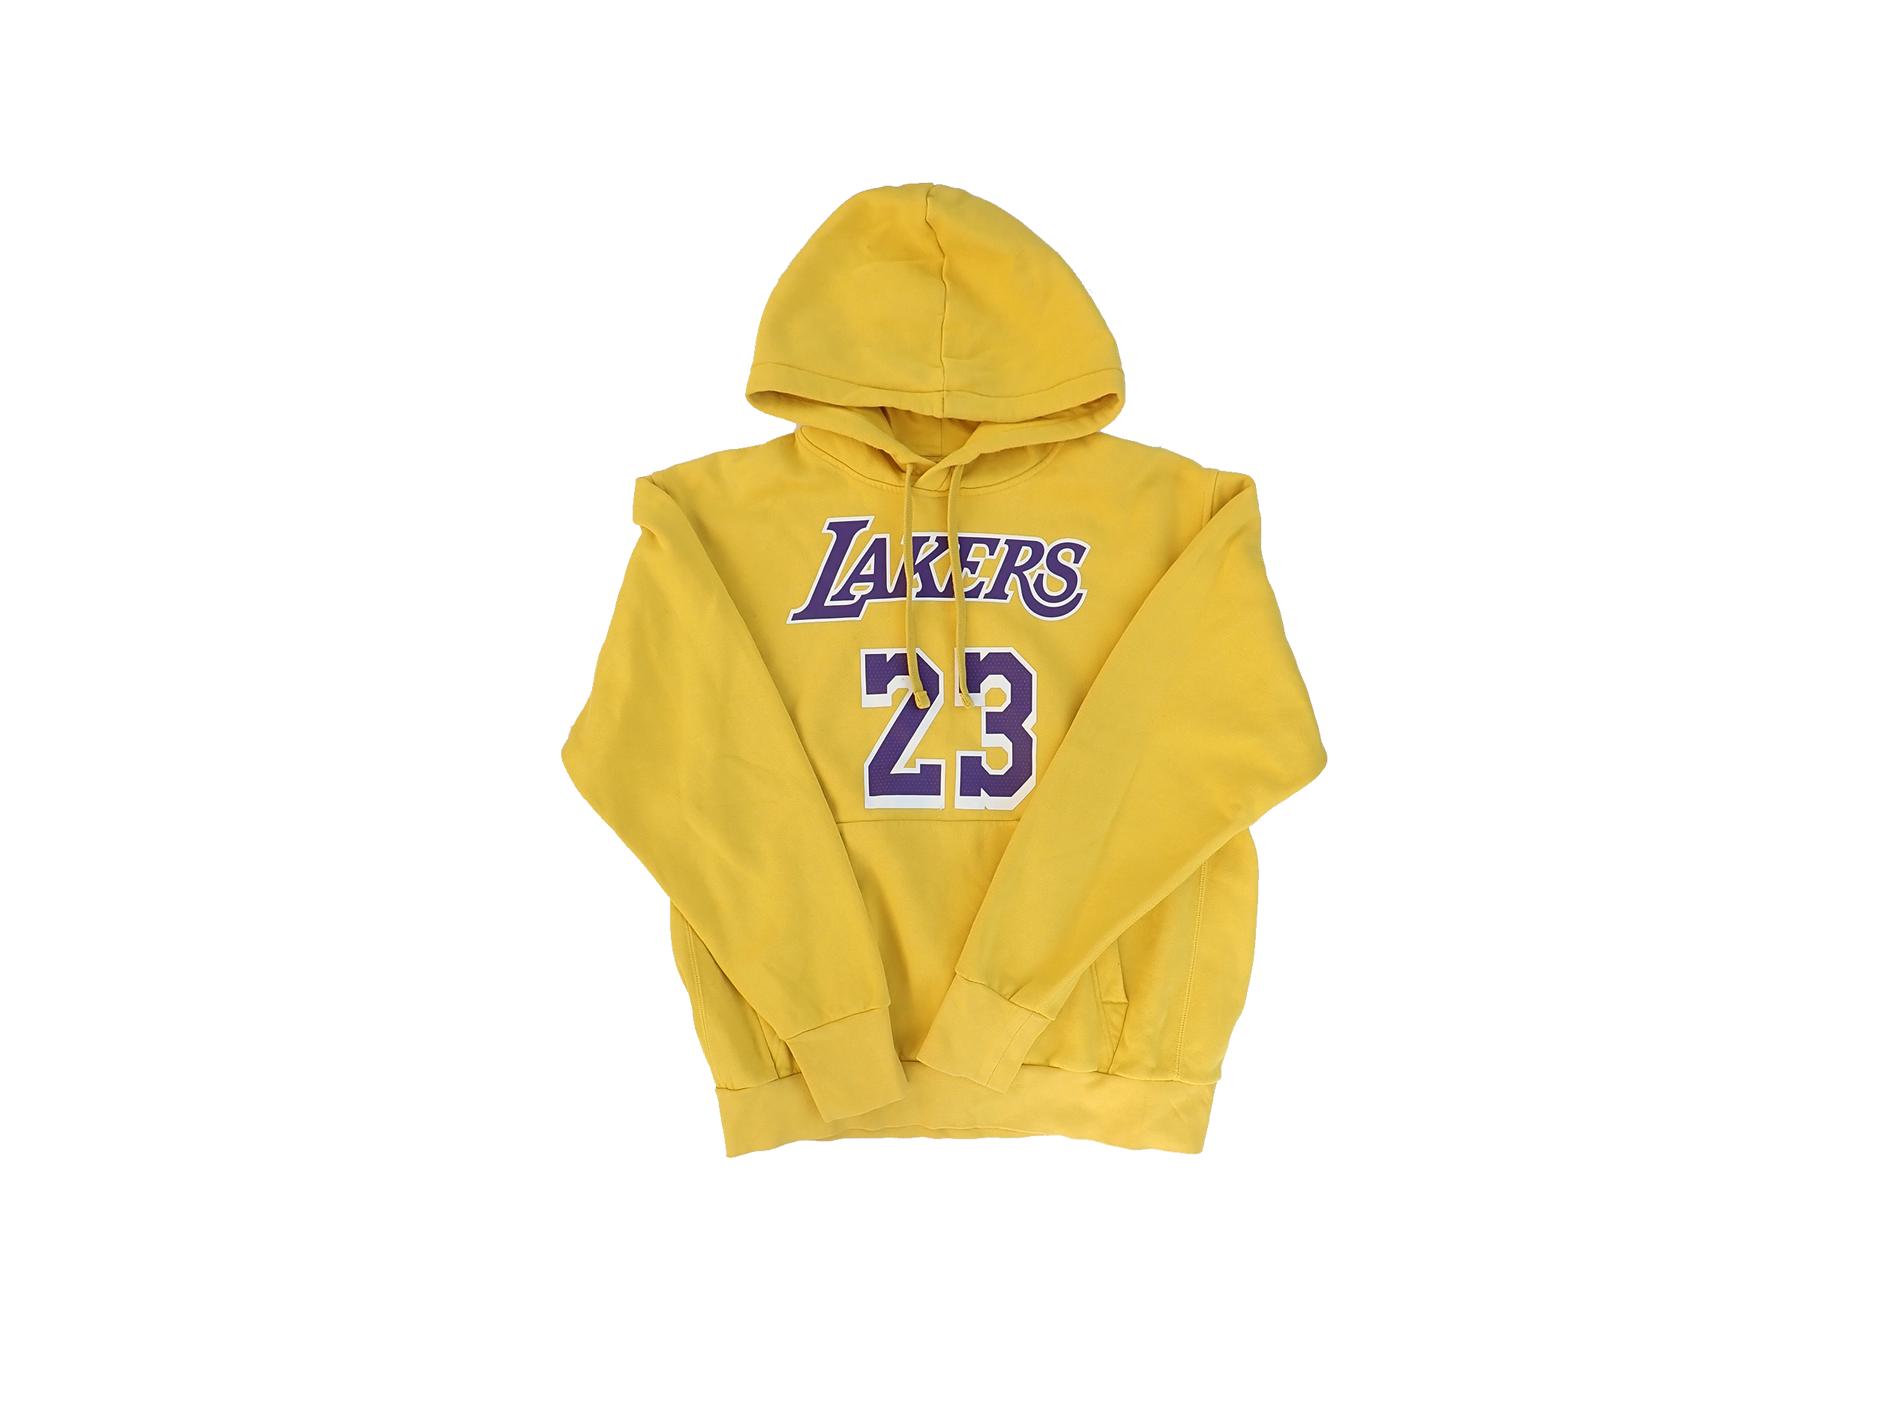 Nike Lakers Hoodie